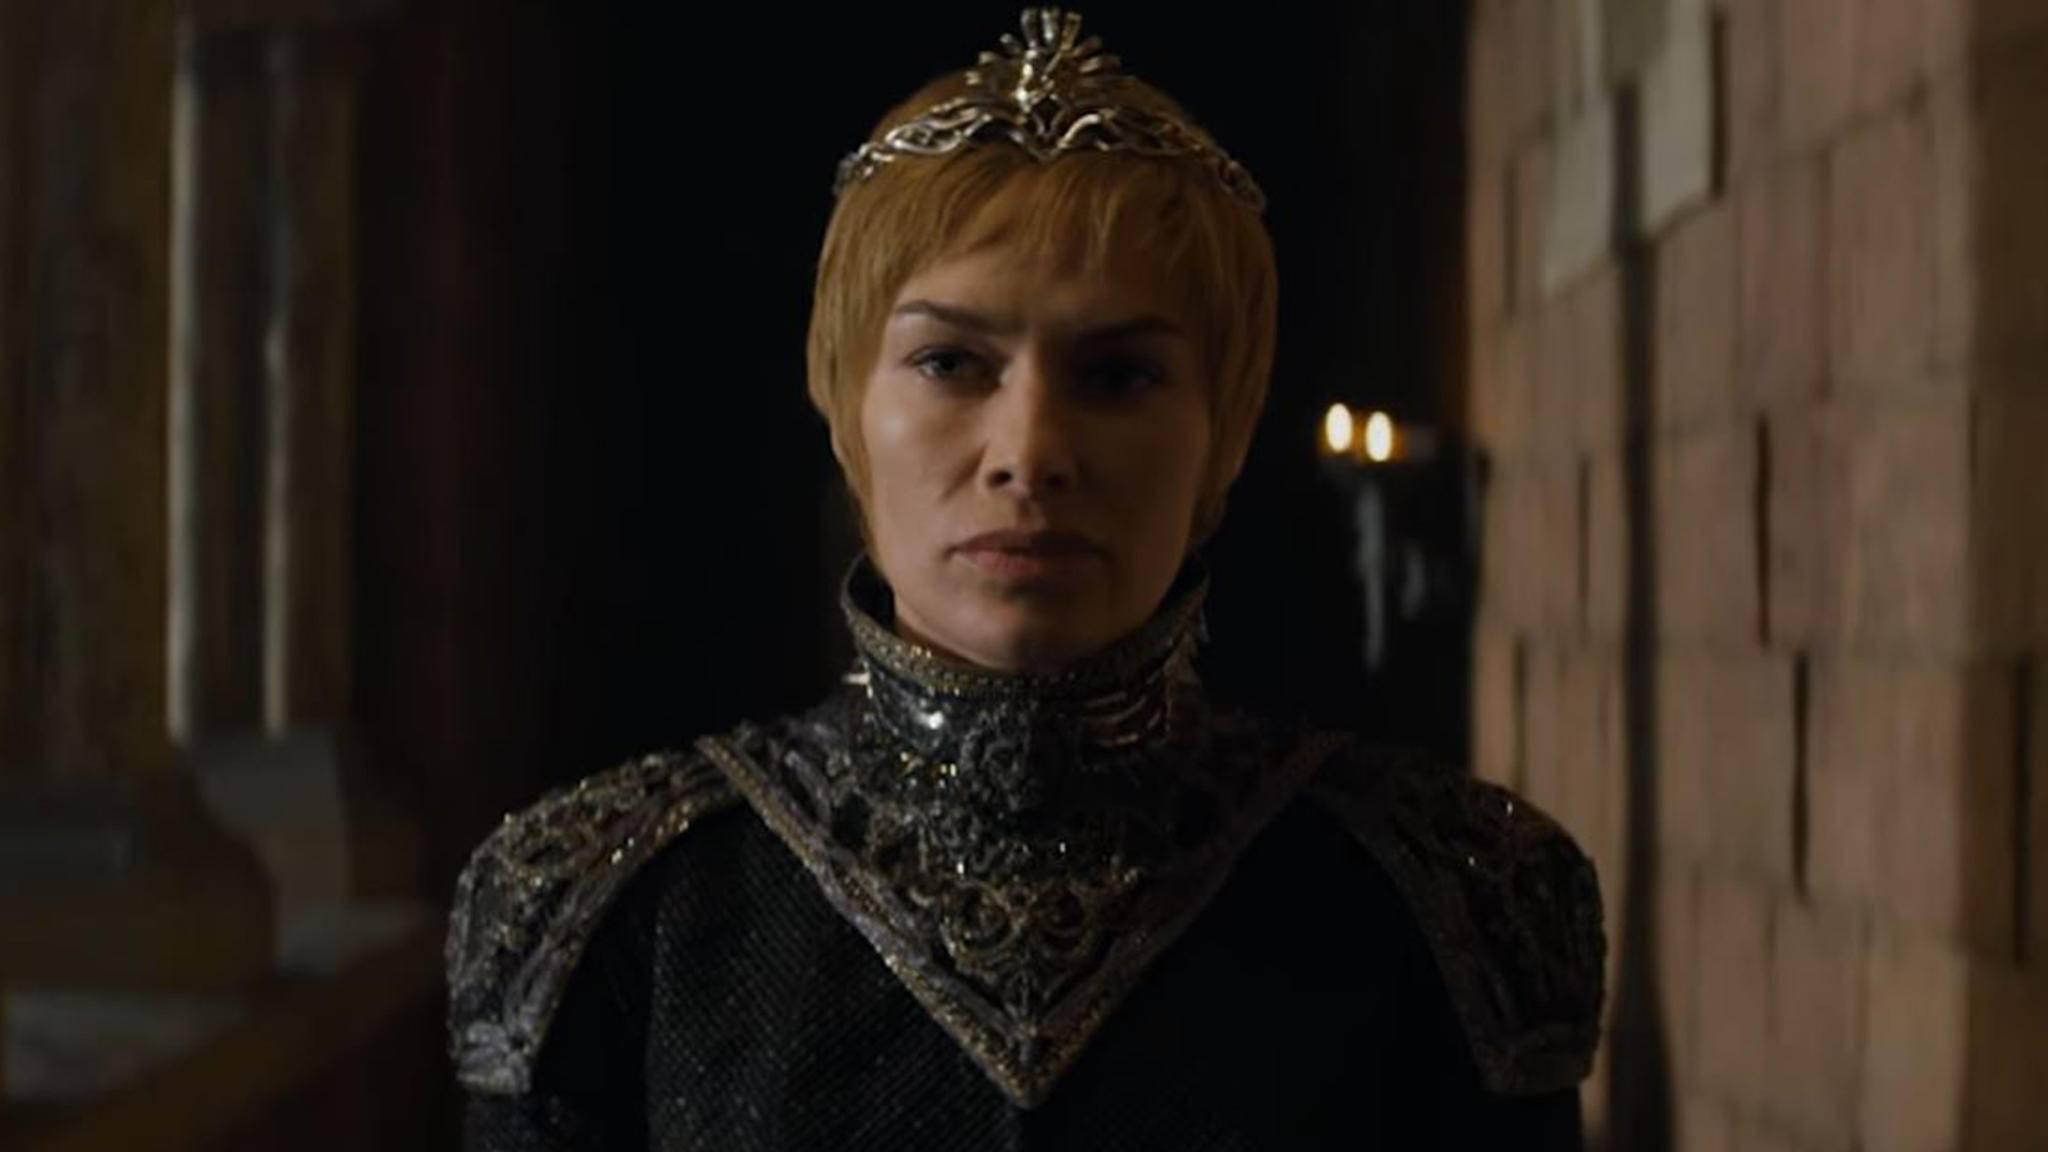 Um als Königin den Eisernen Thron zu beherrschen, geht Cersei Lannister über Leichen.